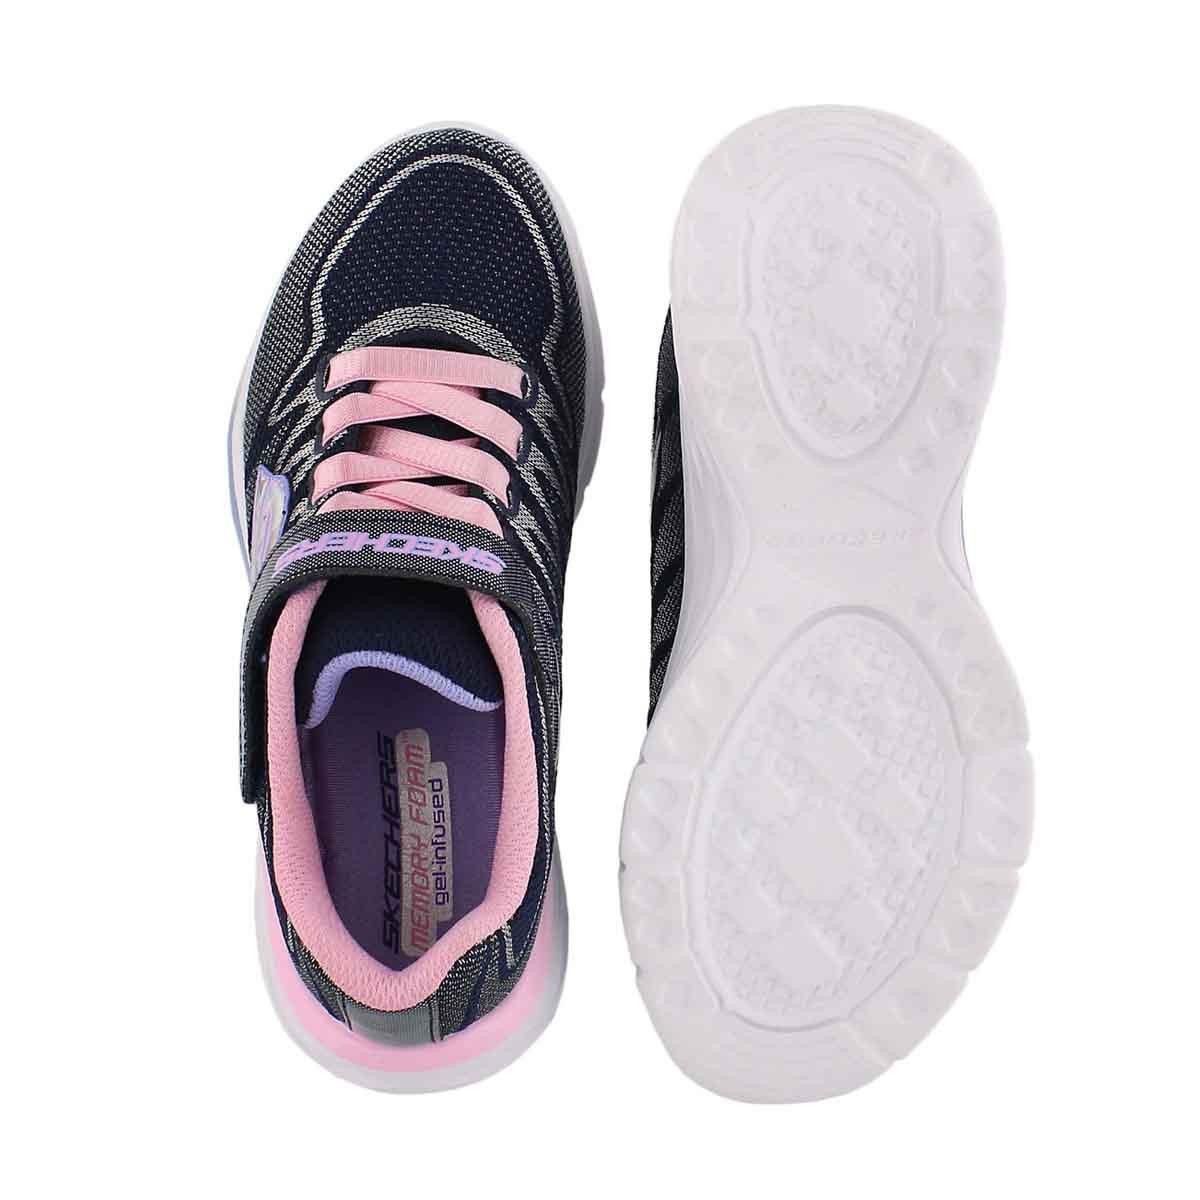 Grls Dream N' Dash navy/pink sneaker